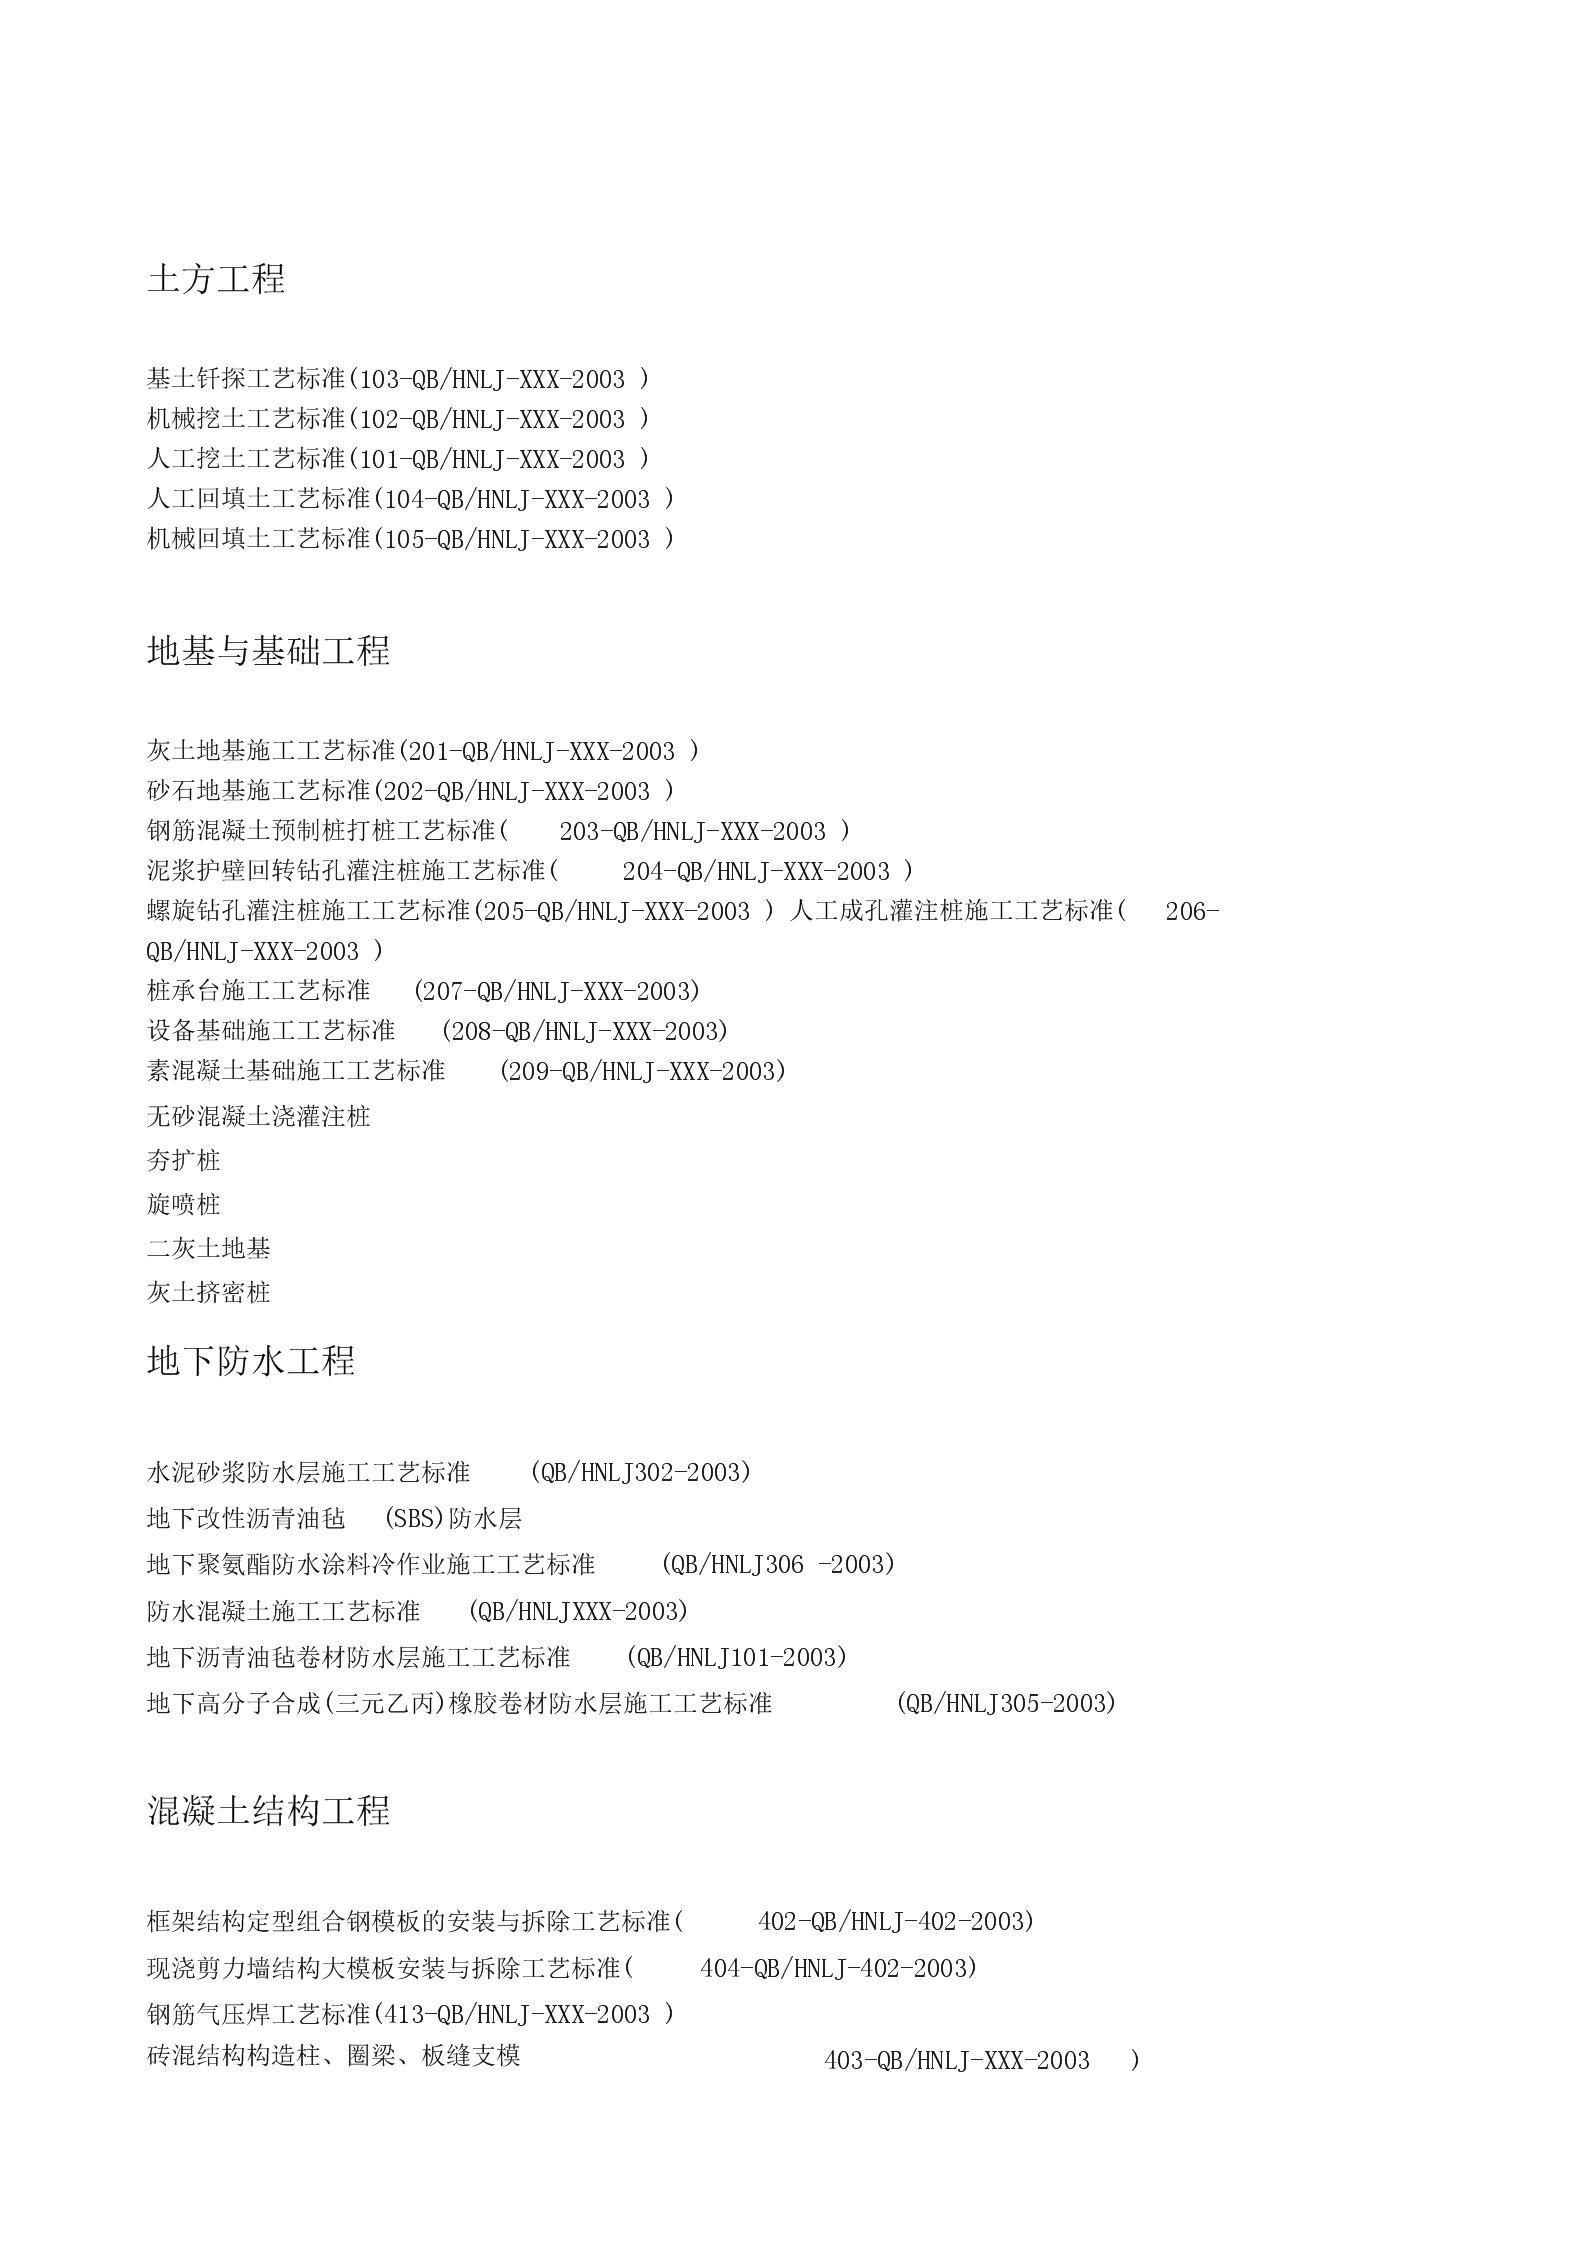 施工工艺标准总目录.docx